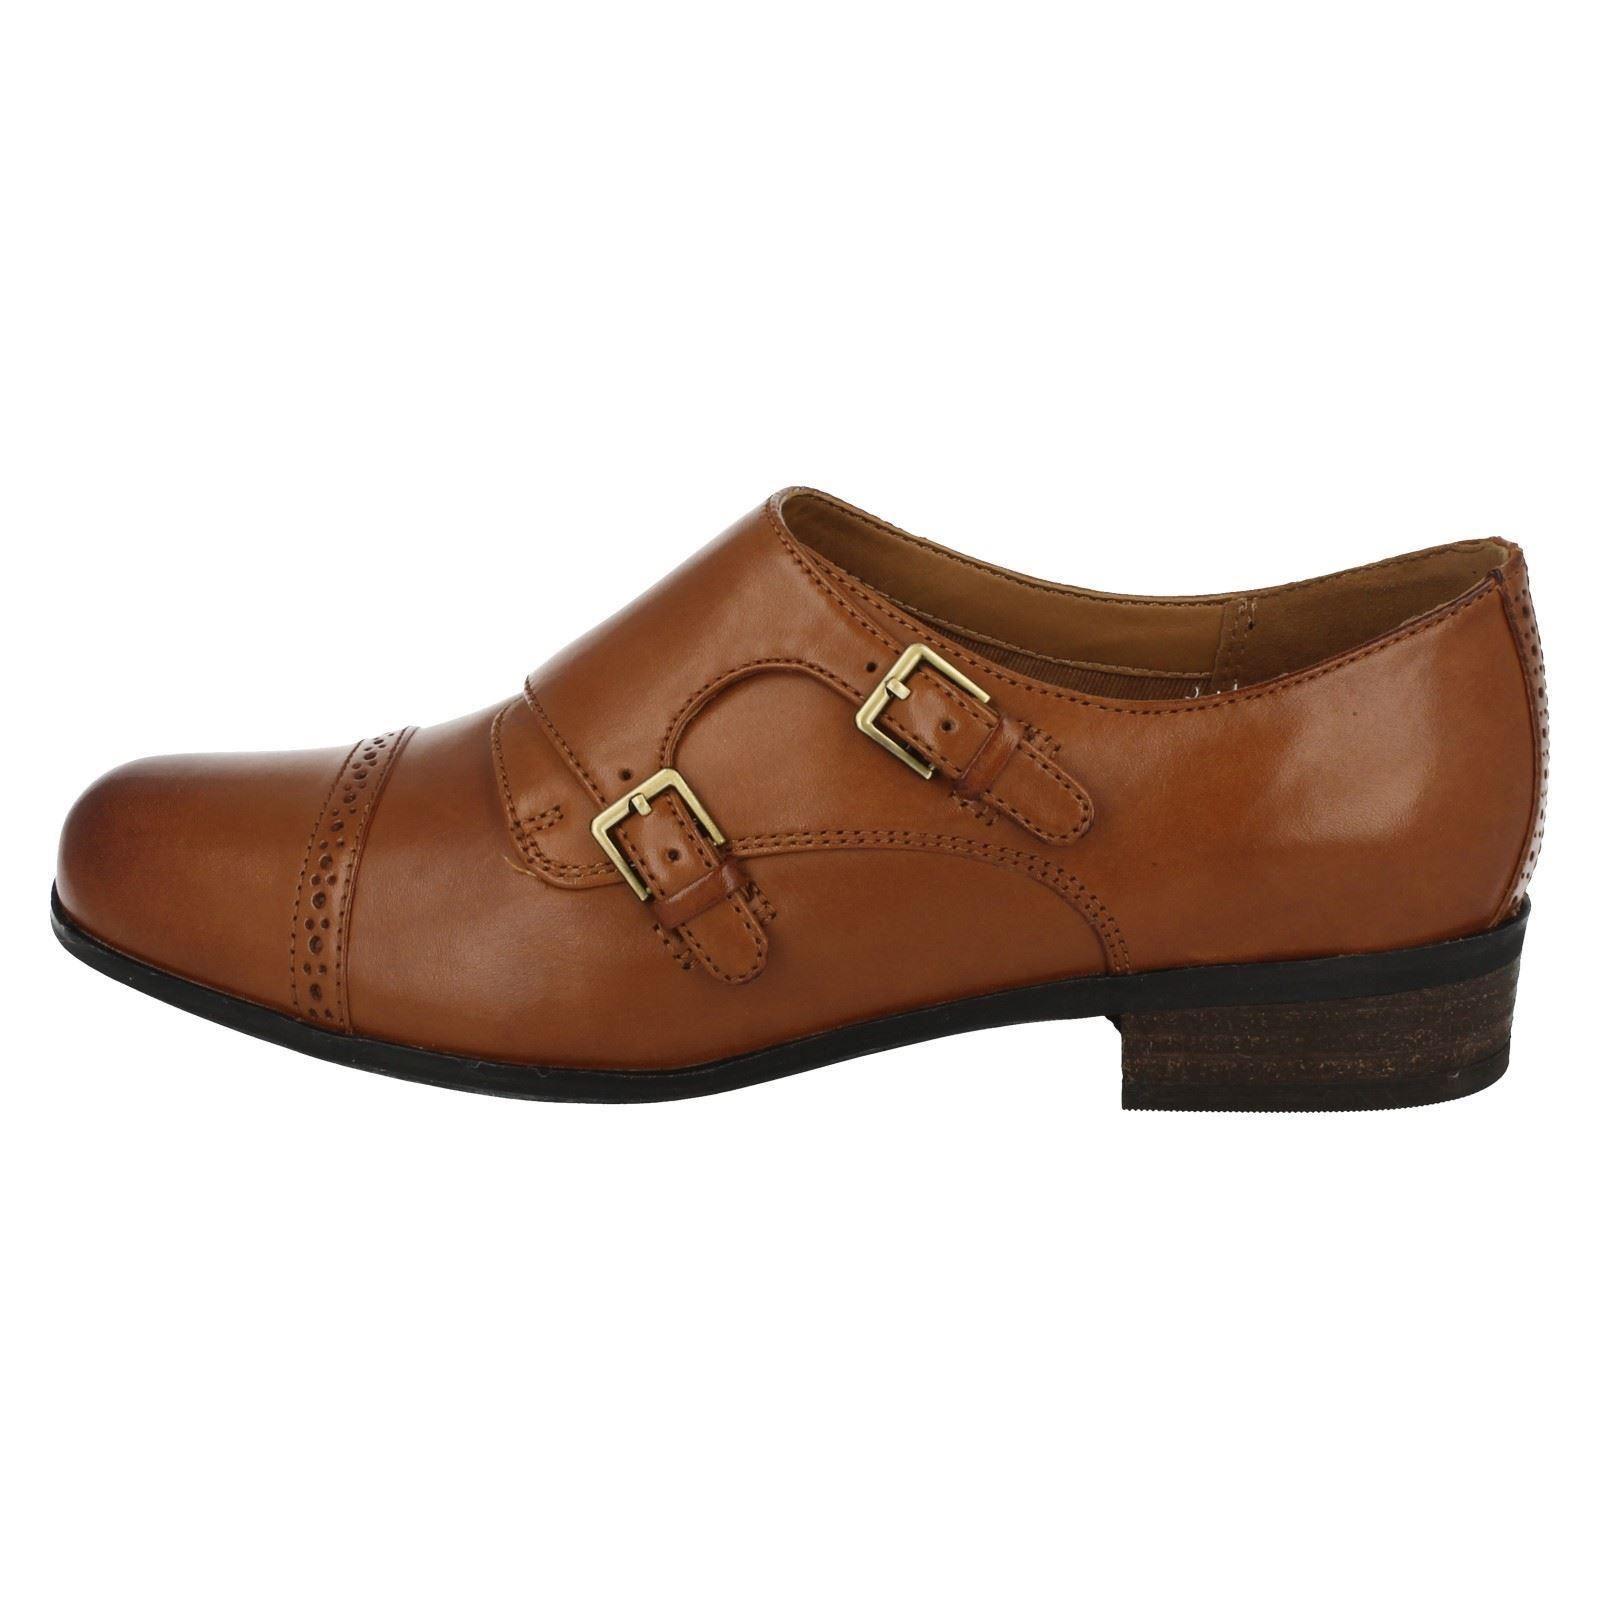 Zapatos para con hebillas Dark mujer Park Tan marrón Hamble Clarks rAxngUr